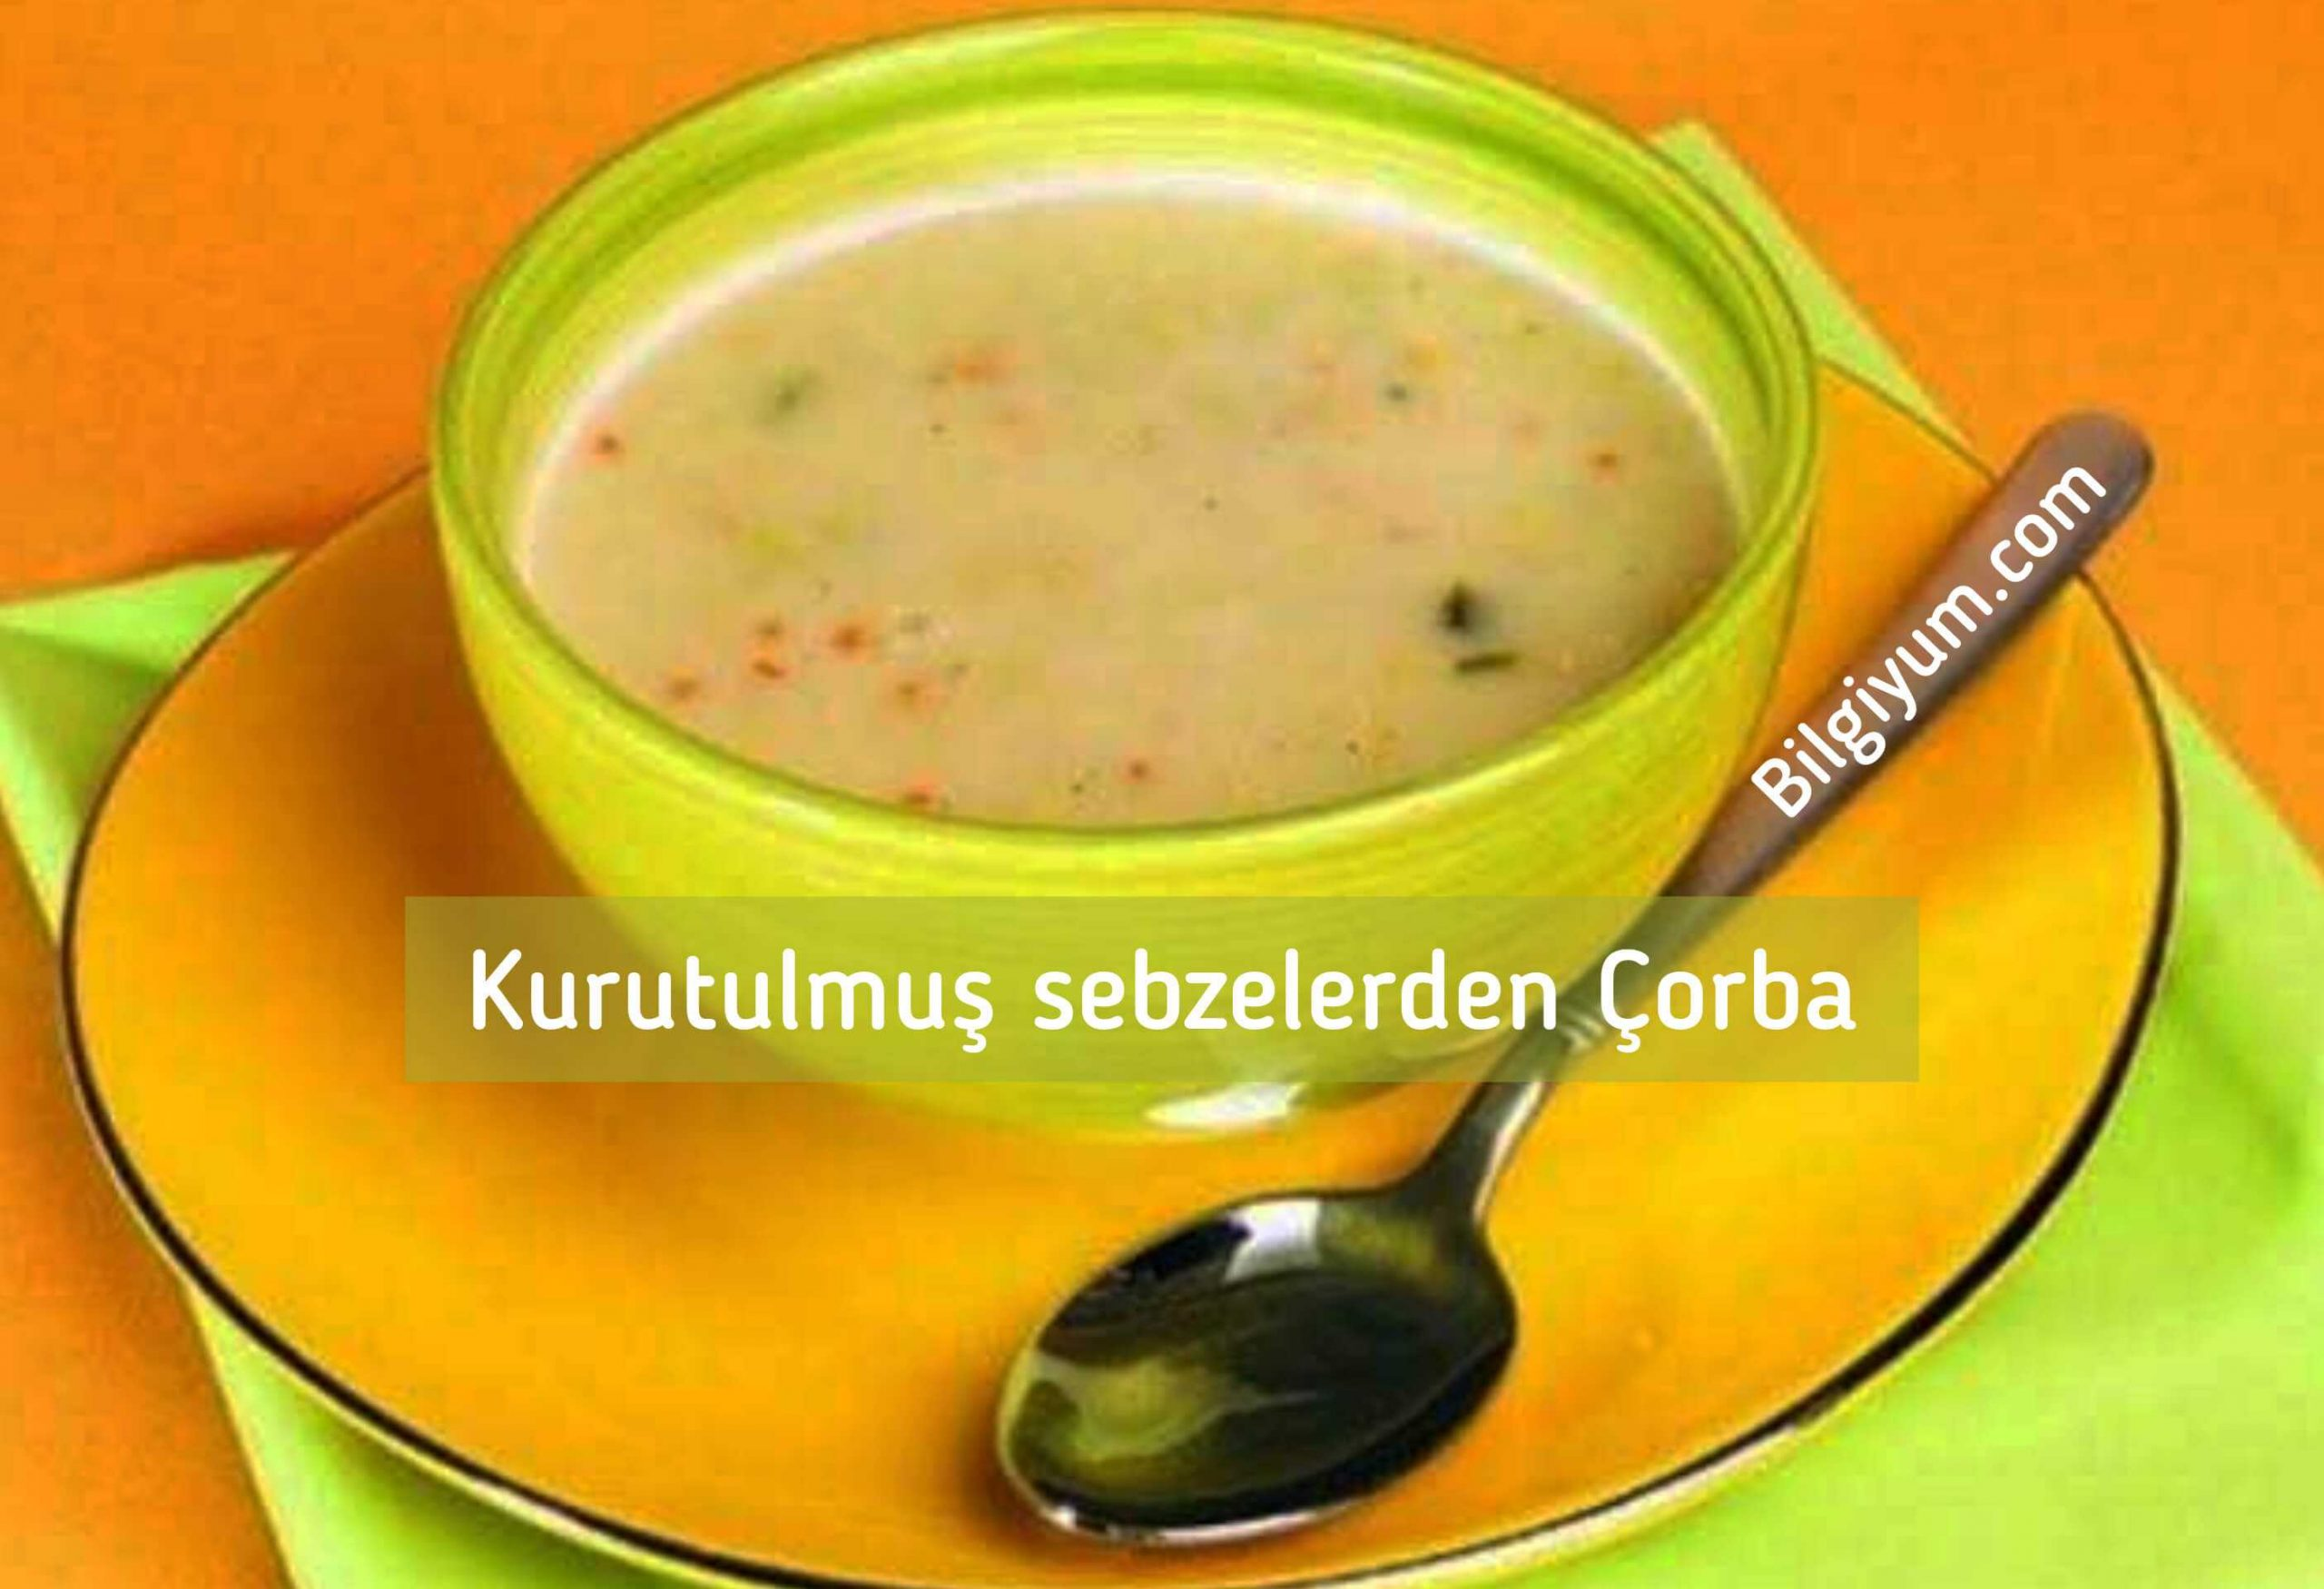 Kurutulmuş sebzelerden çorba